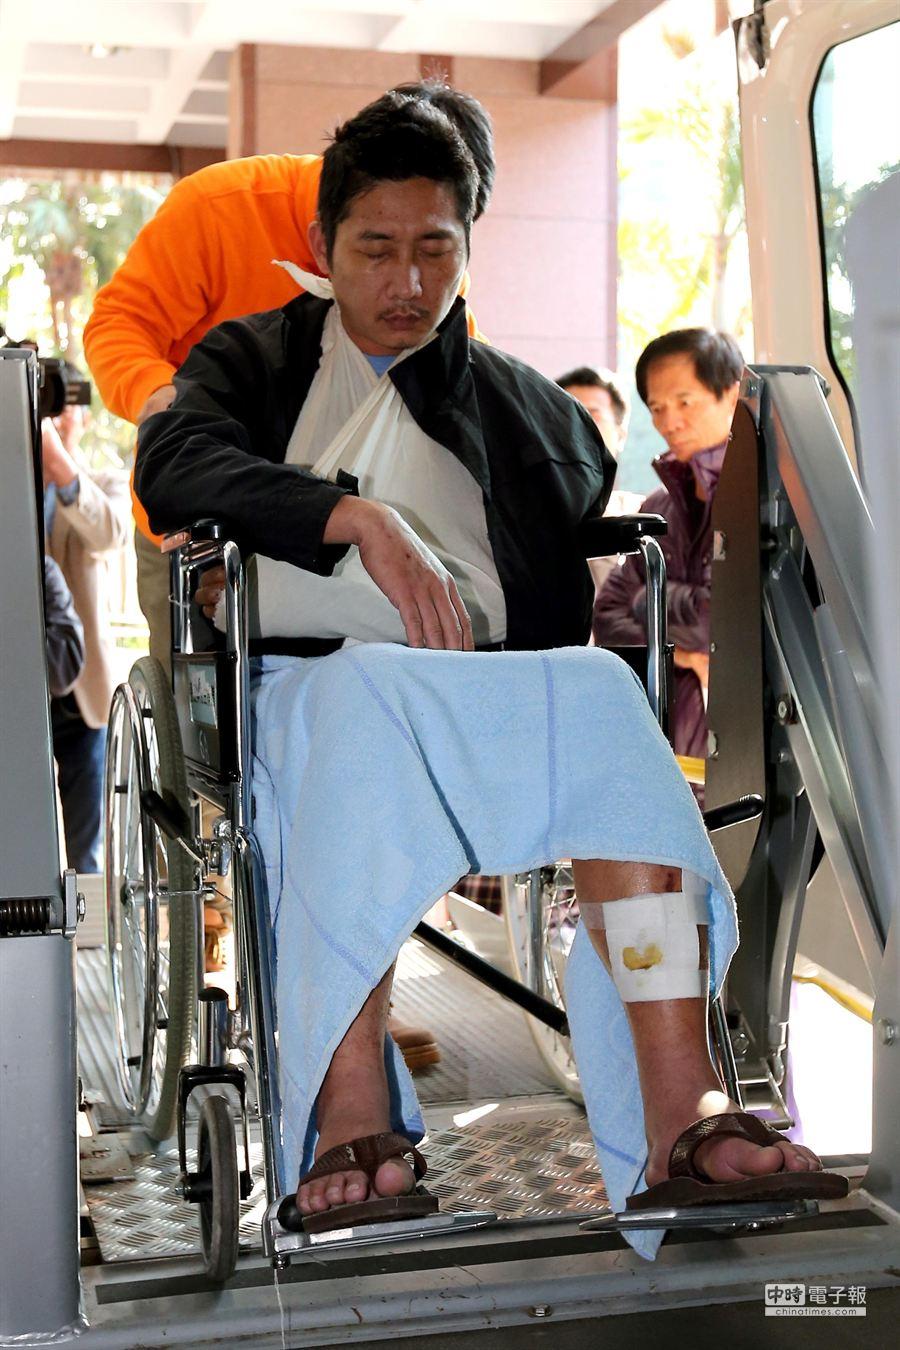 開砂石車衝撞總統府的張德正,檢方起訴他5項罪名。(圖/本報系資料照片)